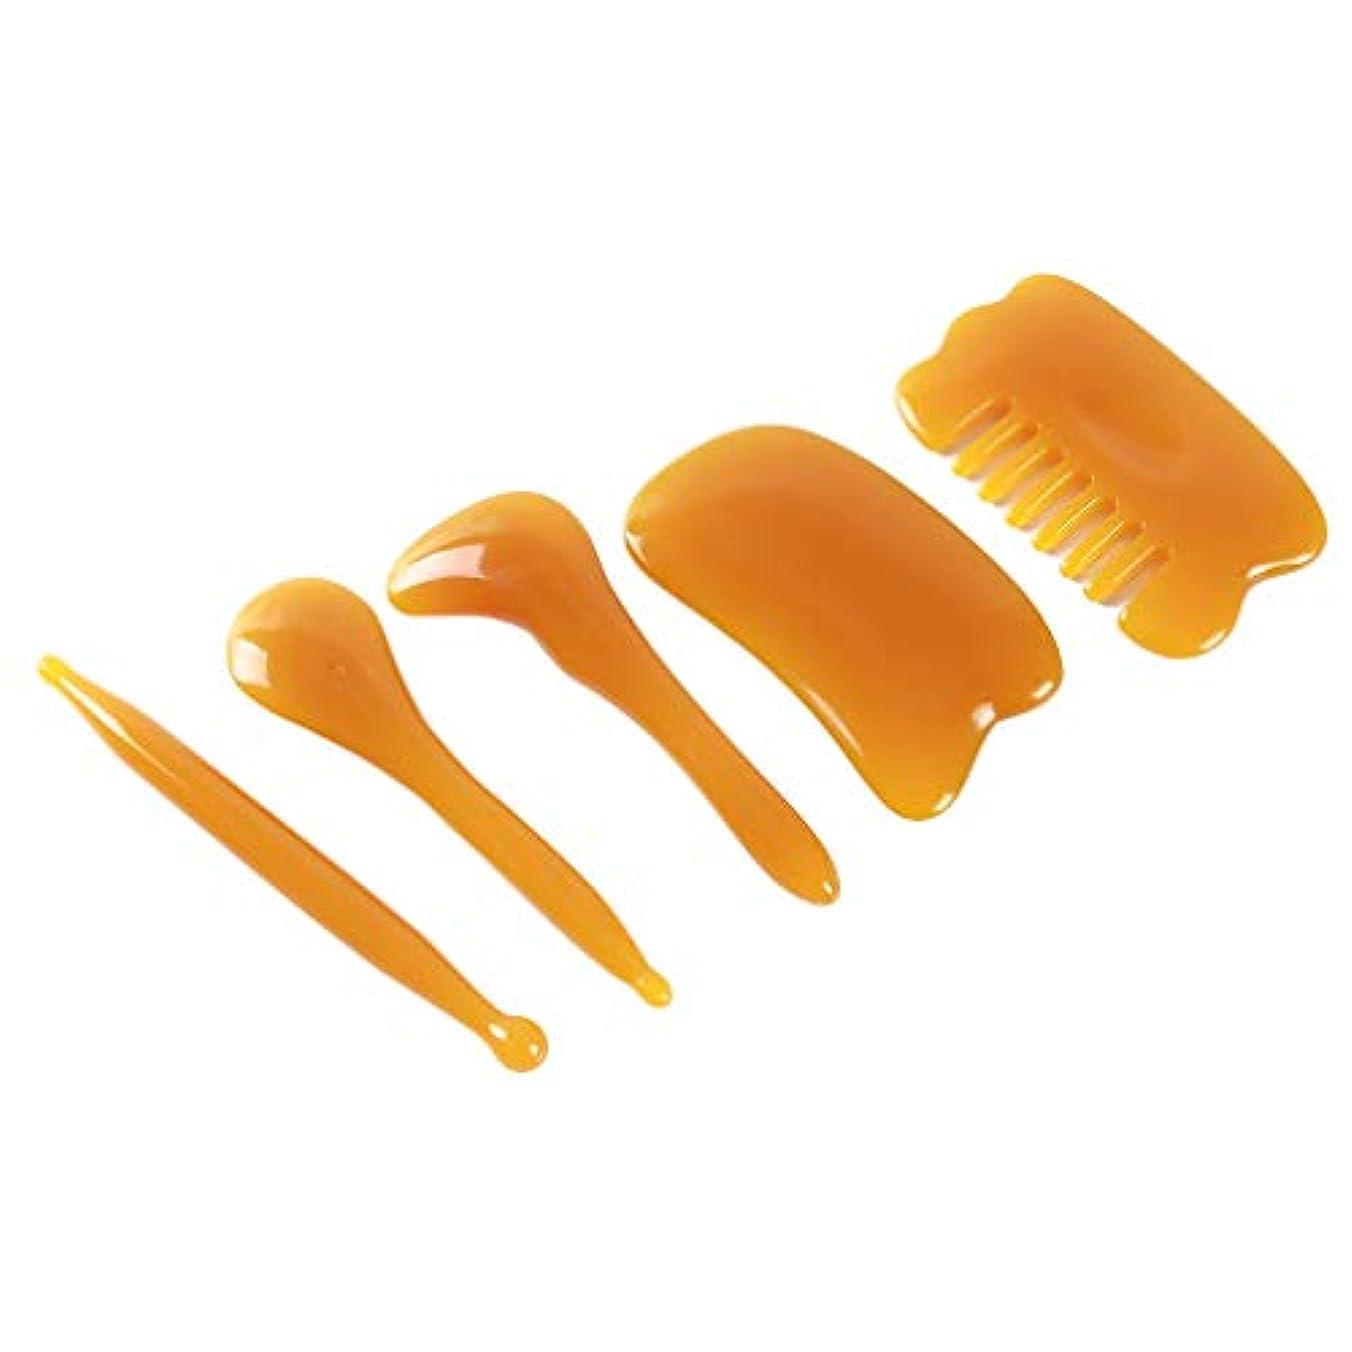 レキシコンアンプ耳Honel カッサプレート こする櫛 頭部のマッサージ こするプレート 手動 スパ マッサージツール カッサ板 カッサマッサージ道具 5ピース